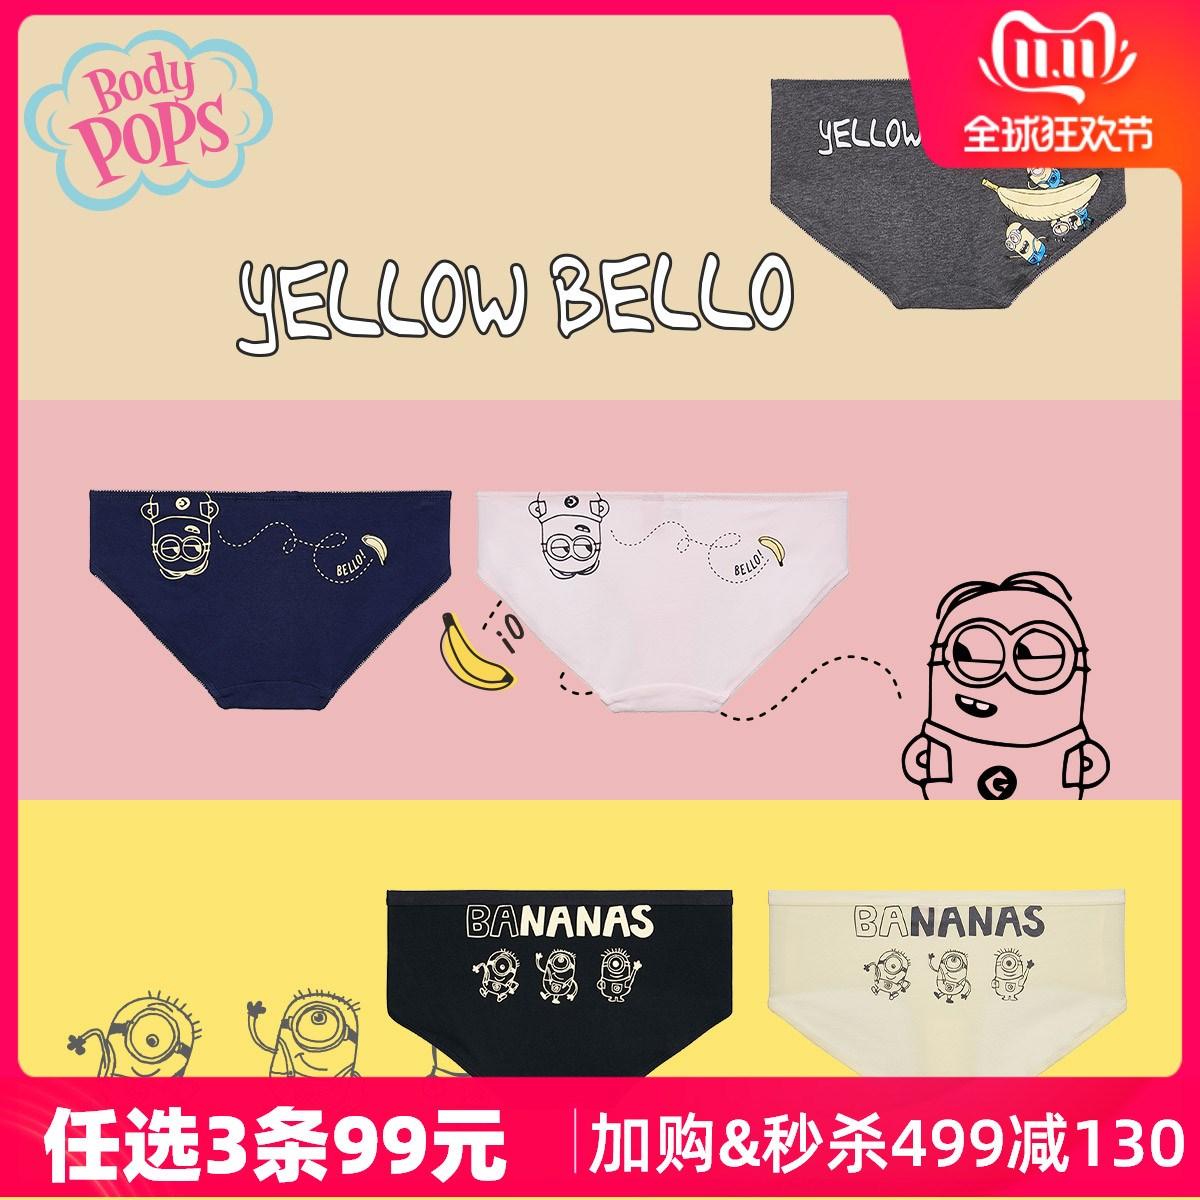 【3件99元】bodypops商场同款可爱小黄人低腰棉质内裆四角内裤女